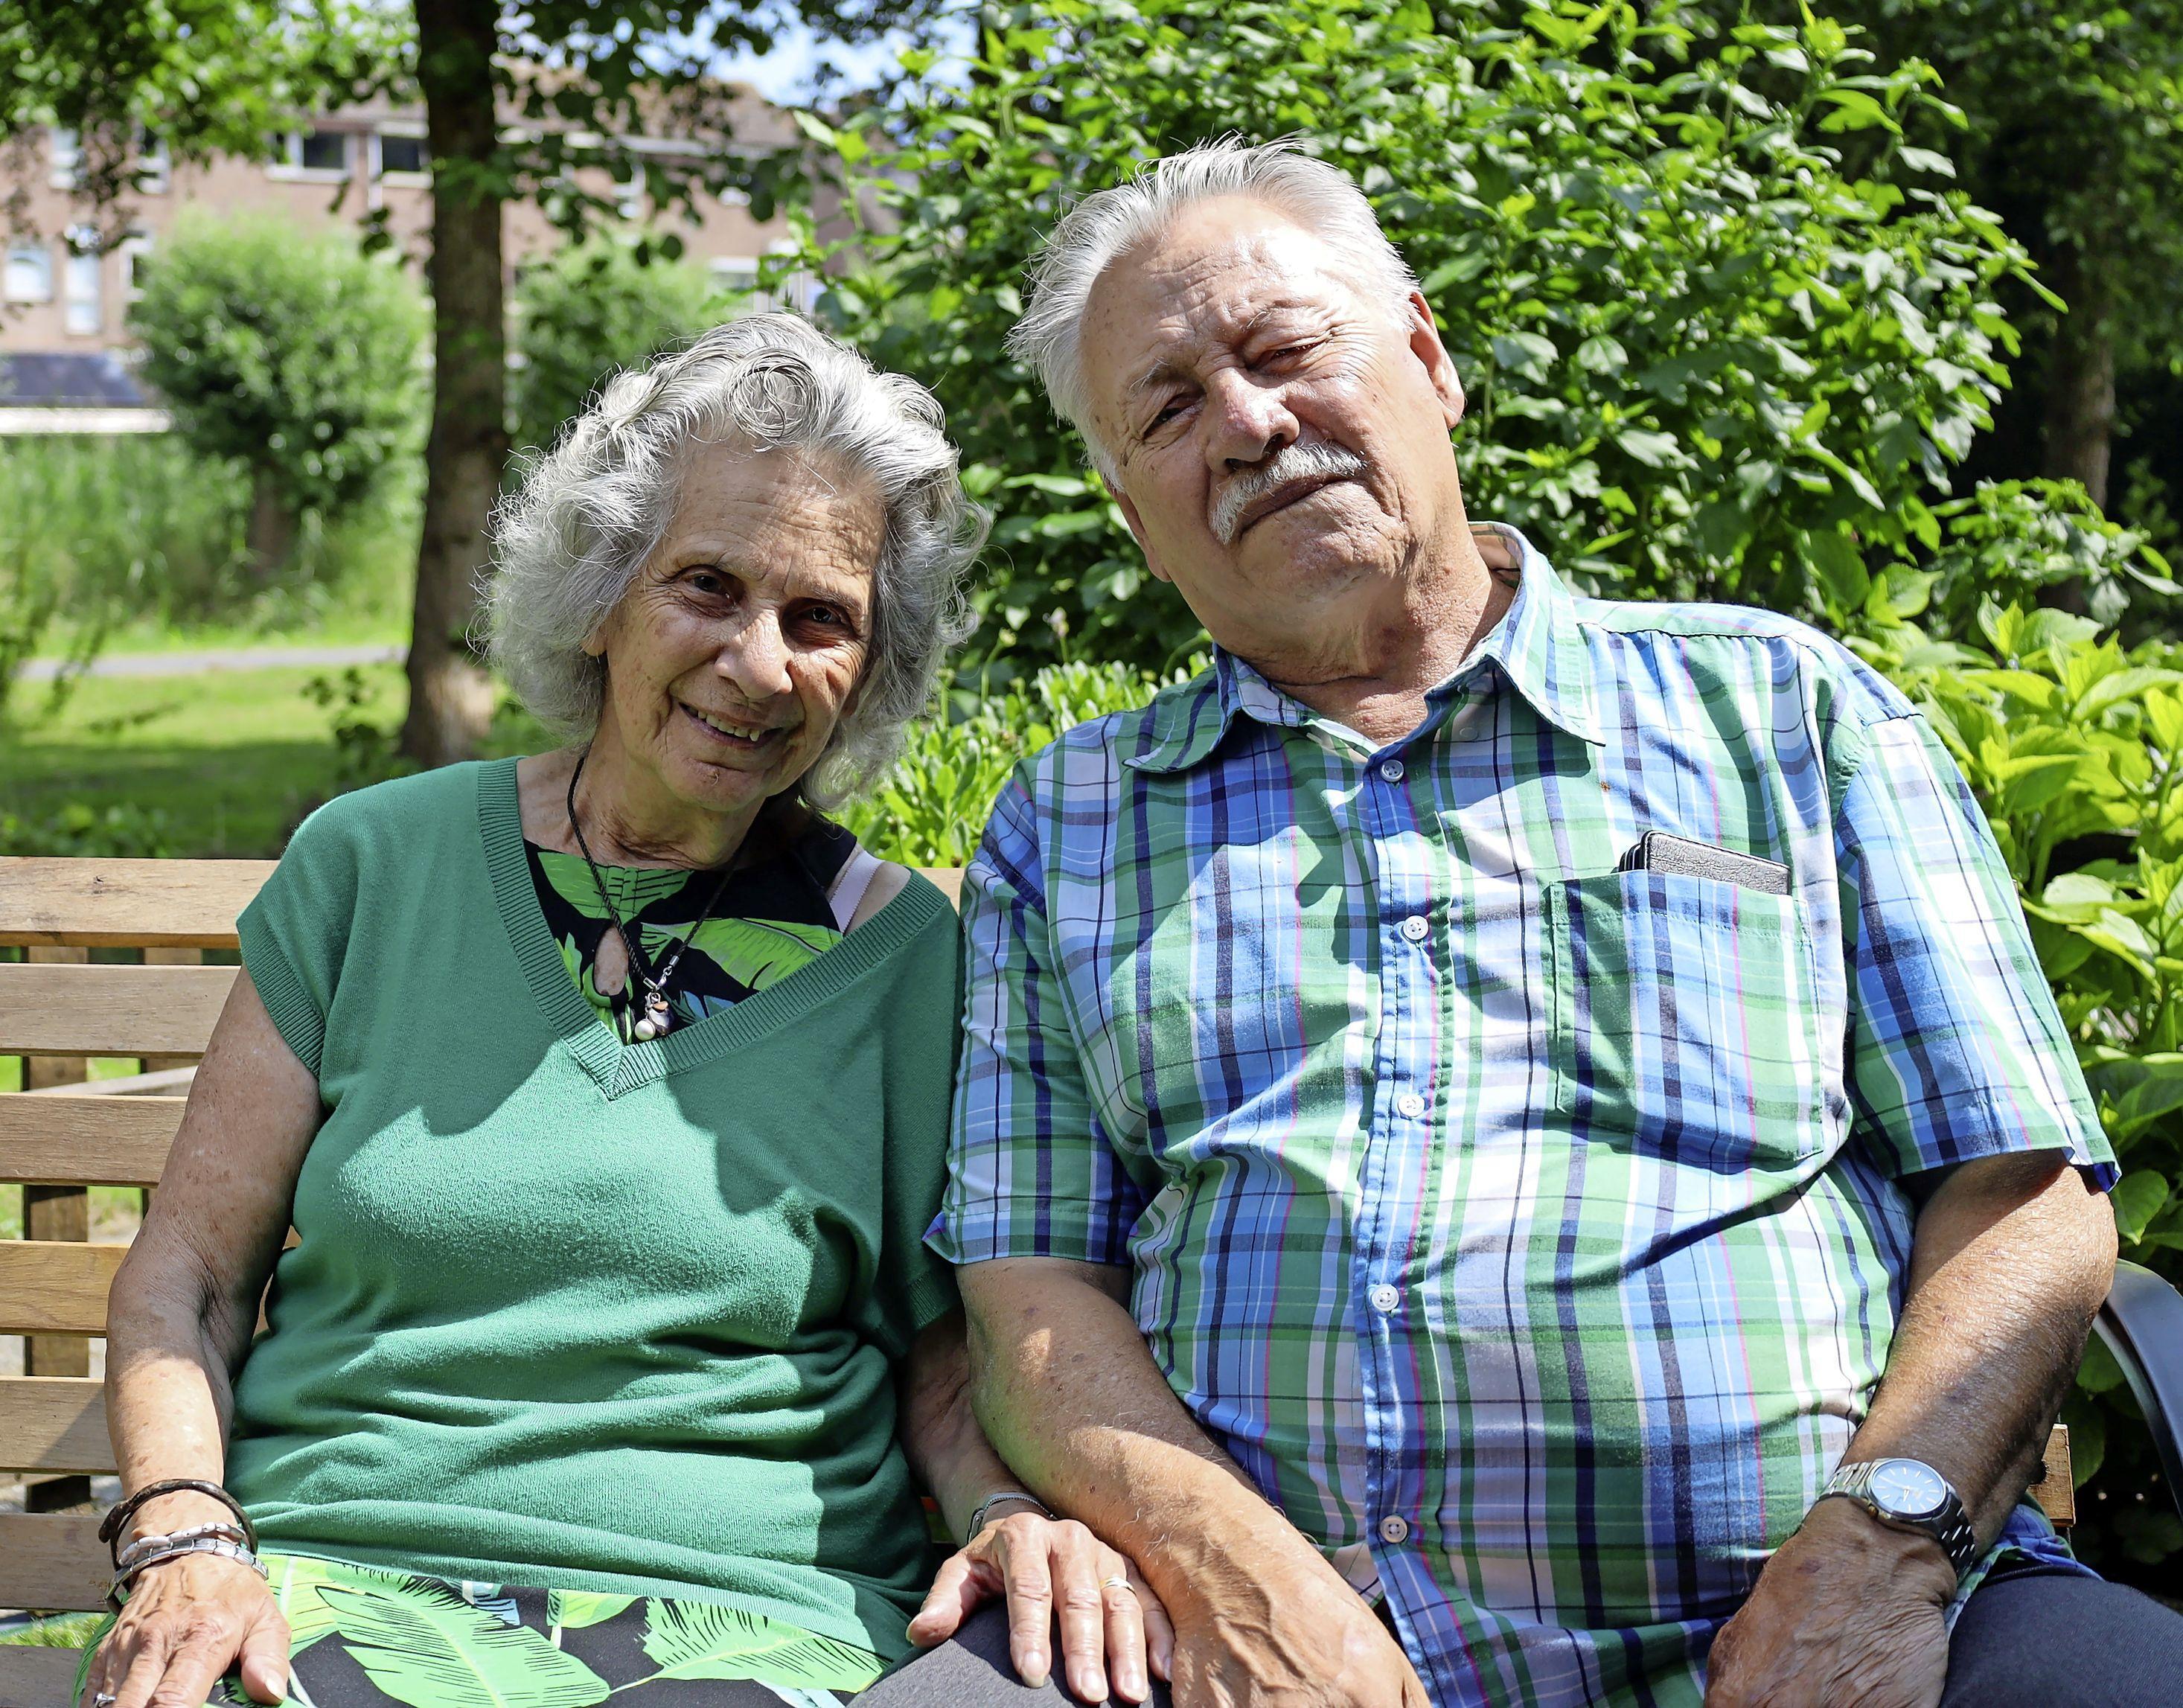 'We hebben elkaar niet meer losgelaten'. Paden van peuters Harry Deul en Ilse van Hek kruisen elkaar na veertien jaar weer. Nu zijn ze zestig jaar getrouwd